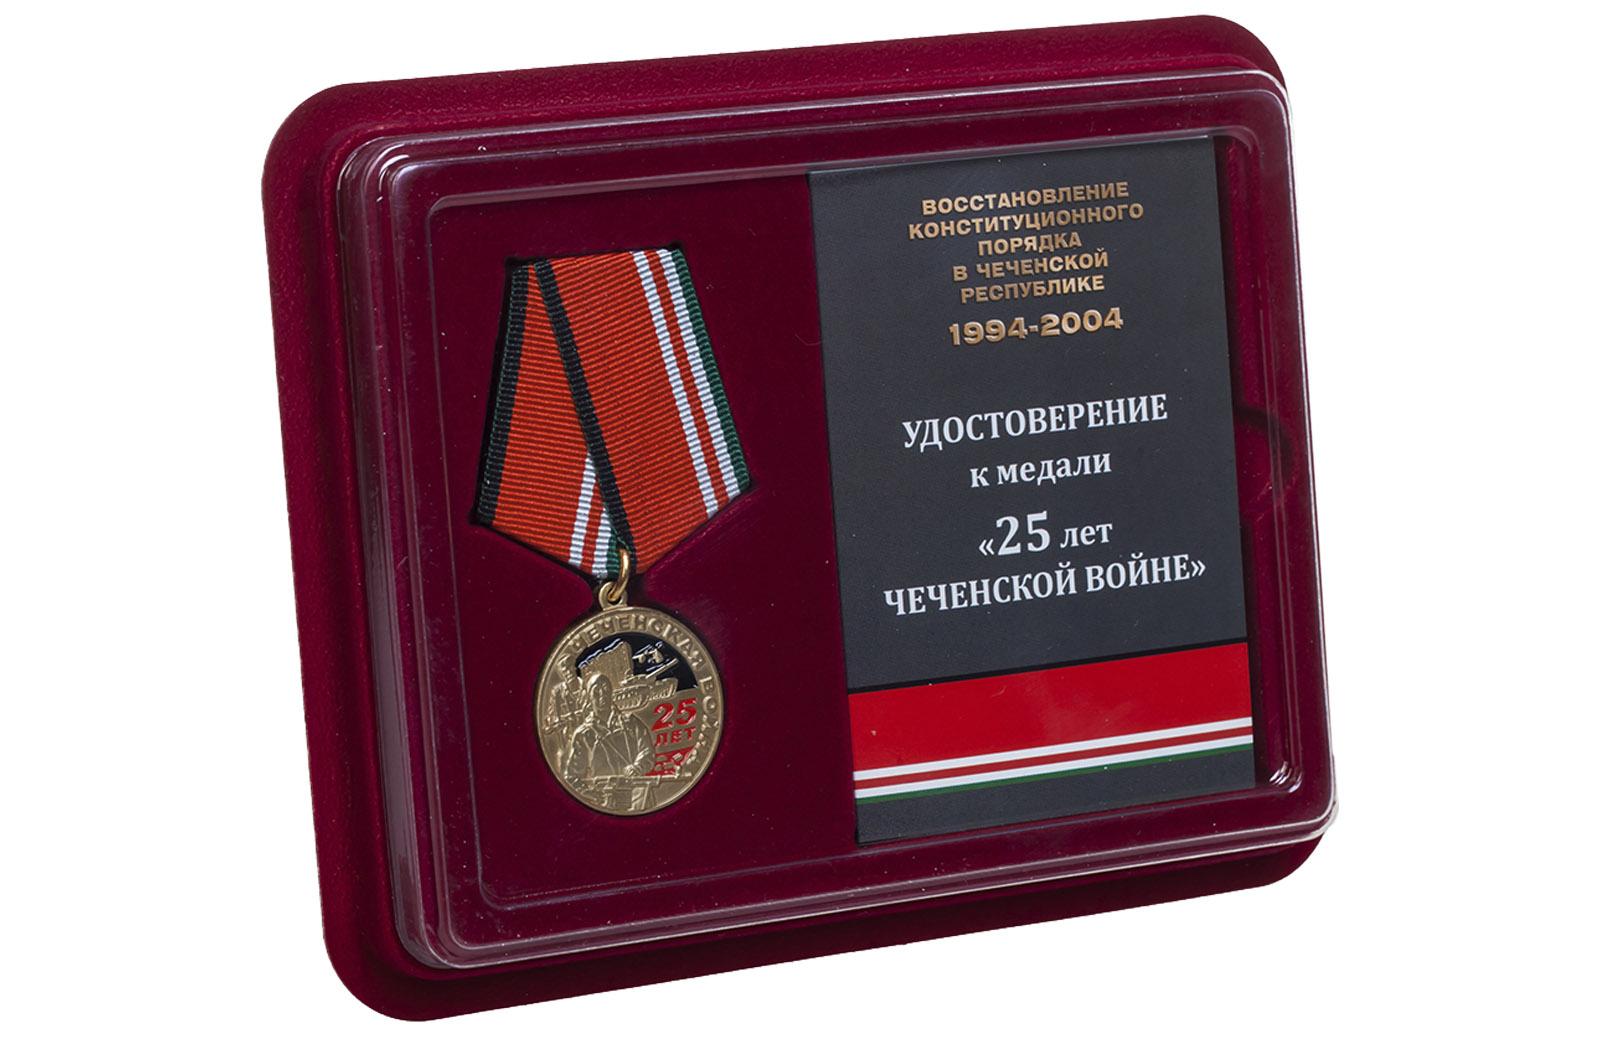 Юбилейная медаль 25 лет Чеченской войне - в футляре с удостоверением